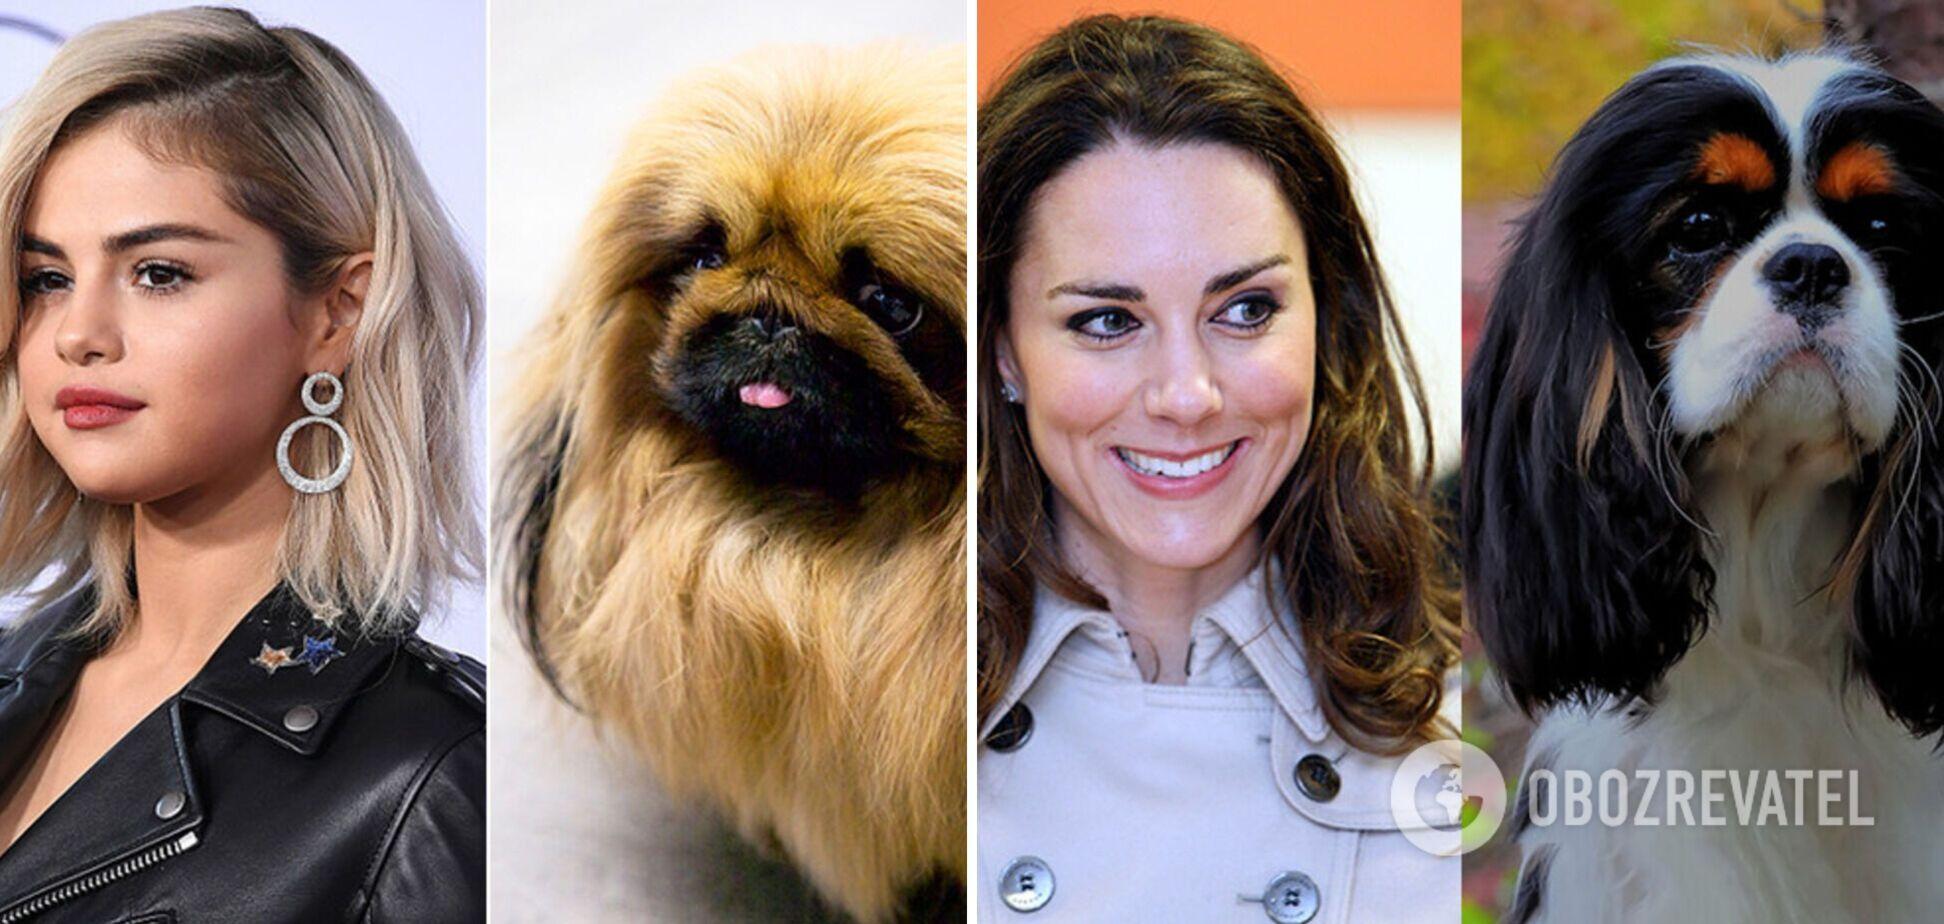 Селена Гомес має схожість з пекінесом, а Кейт Міддлтон з породою ши-тсу